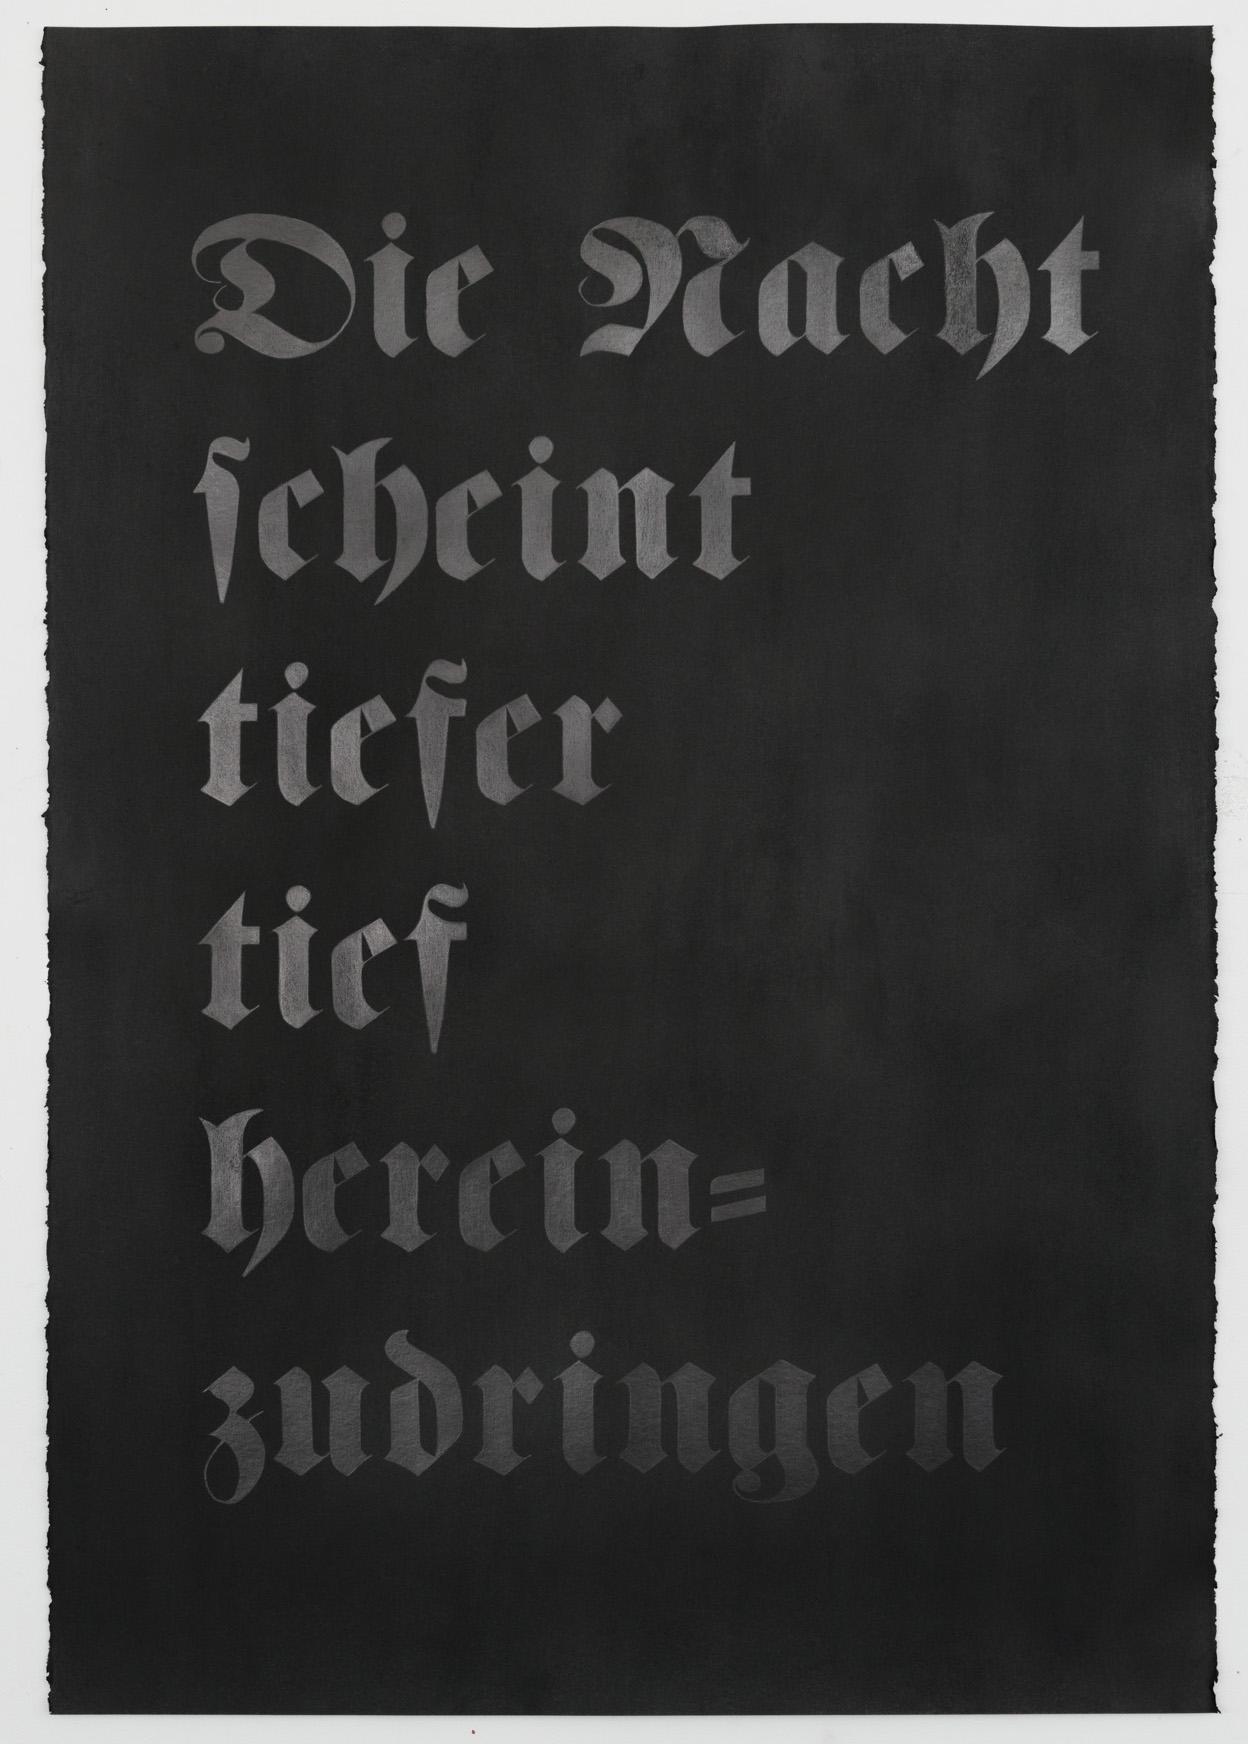 Carl Trahan, Die Natcht scheint tiefer tief hereinzudringen , 2017, graphite sur papier.